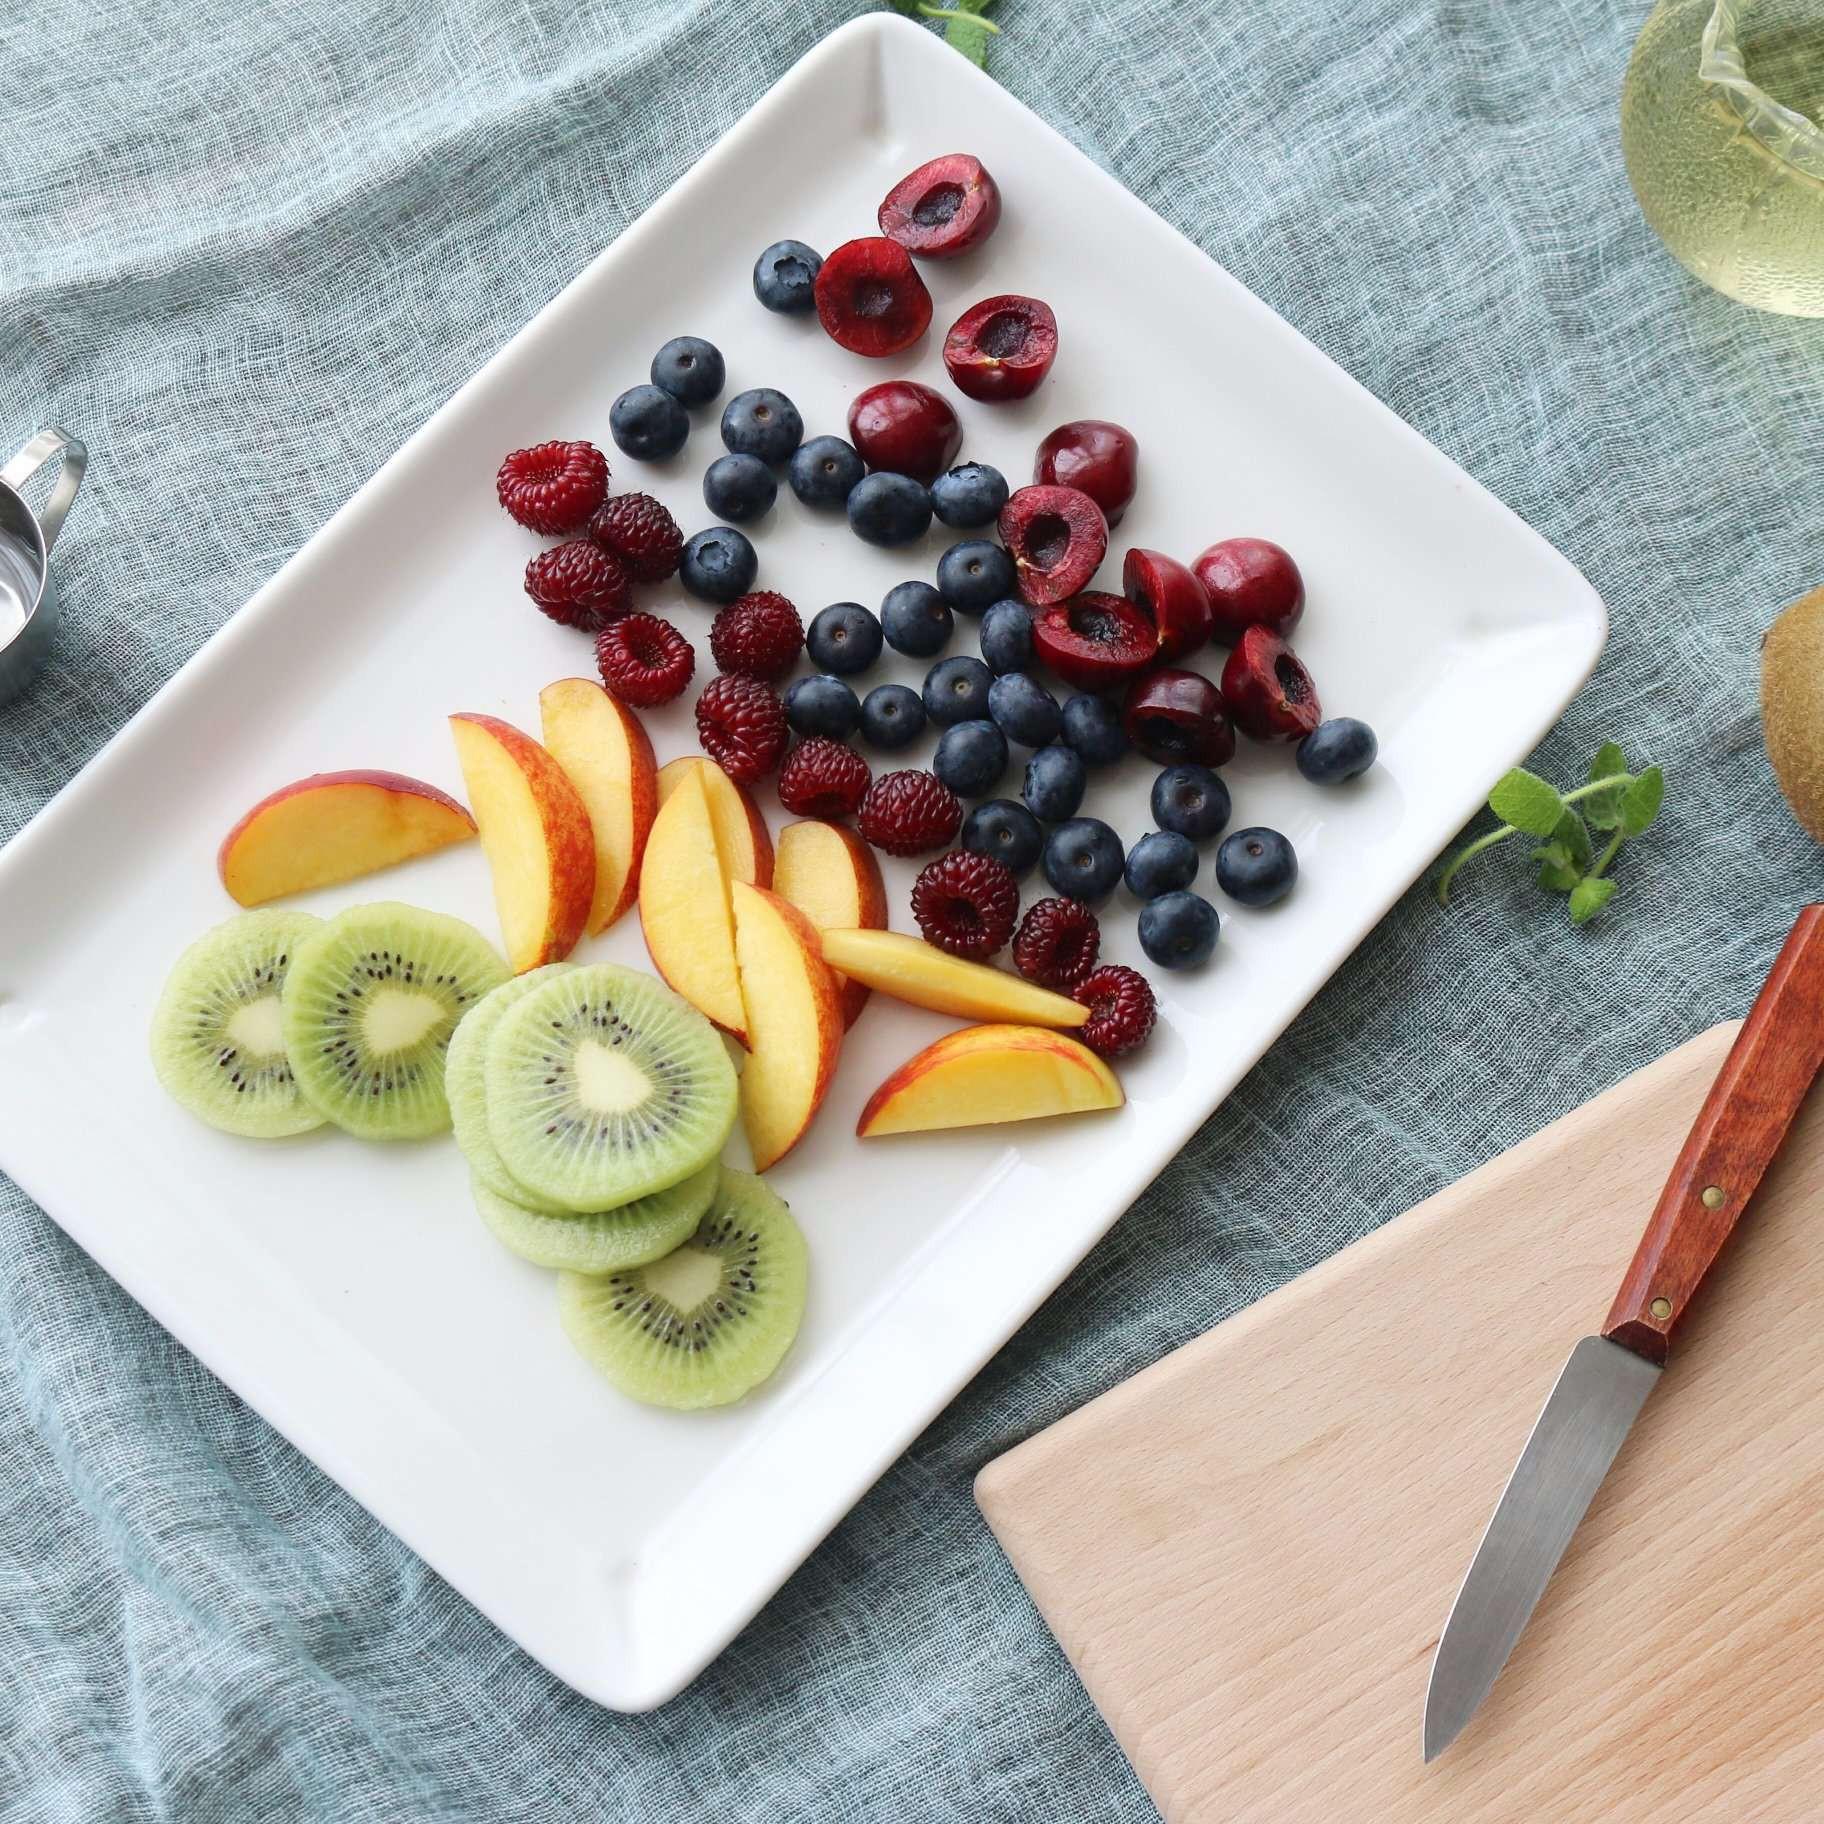 Có một cách làm kem trái cây dễ chưa từng thấy và vô cùng thơm ngon - Ảnh 2